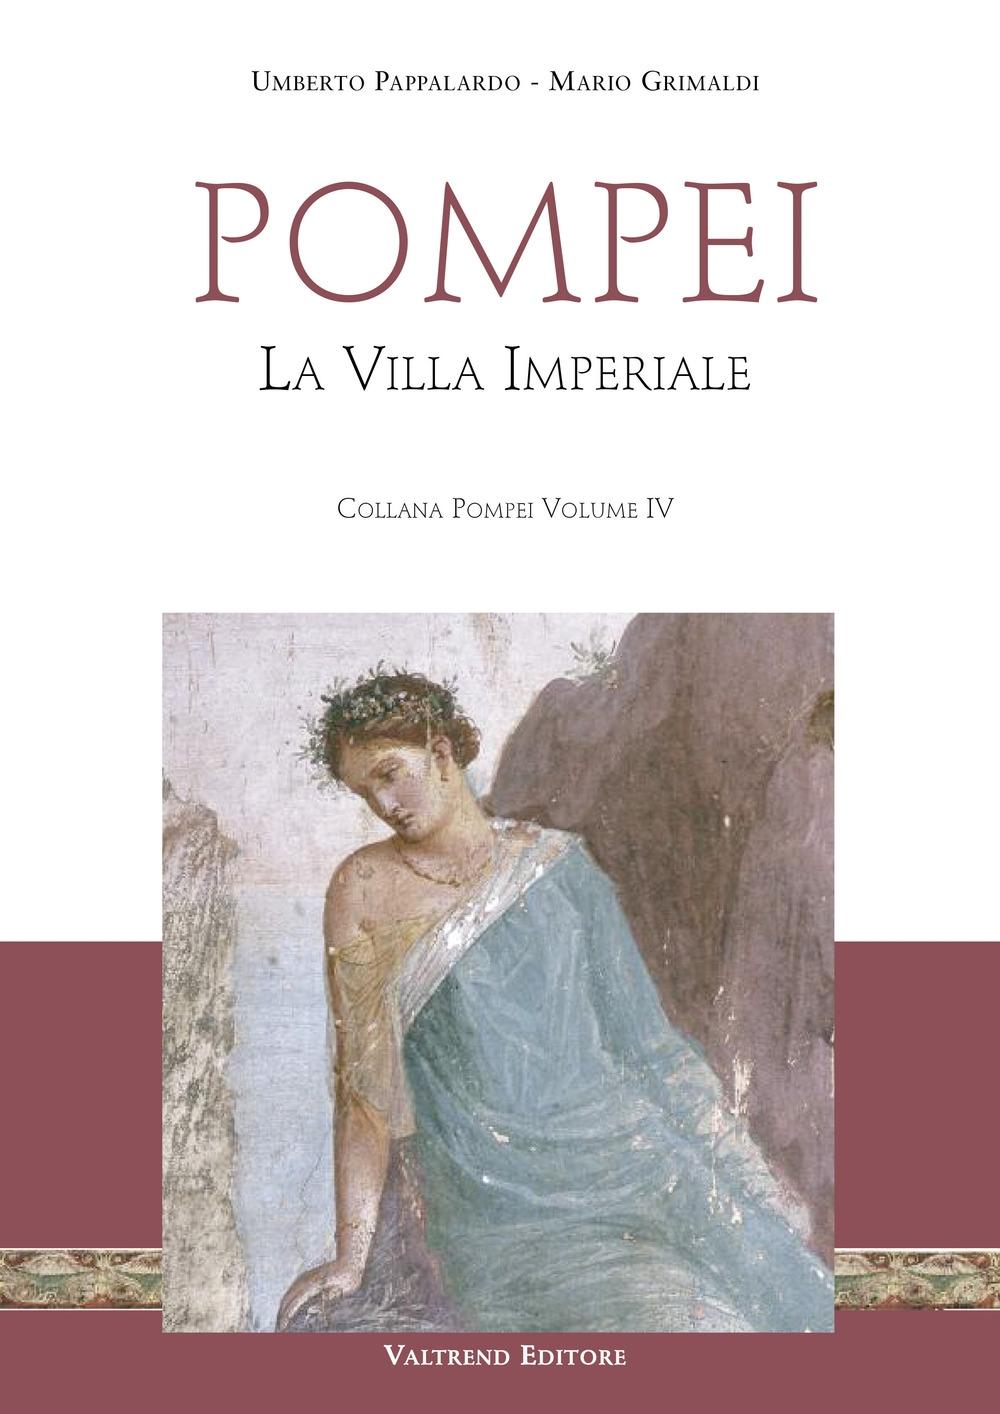 Pompei La Villa Imperiale.